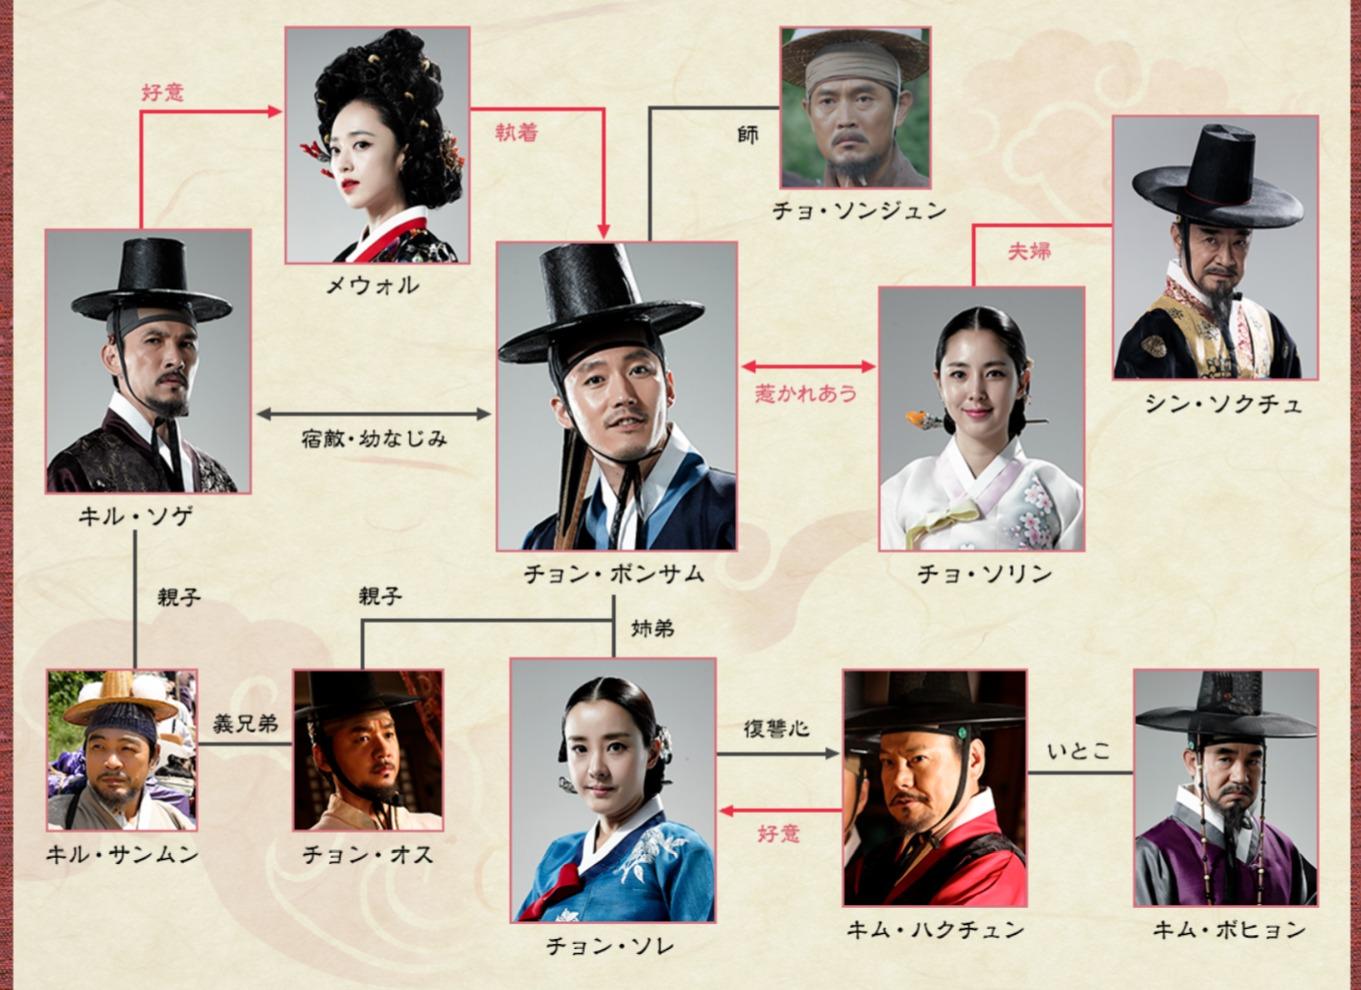 韓国ドラマ『客主~商売の神~』登場人物相関図(関係図)